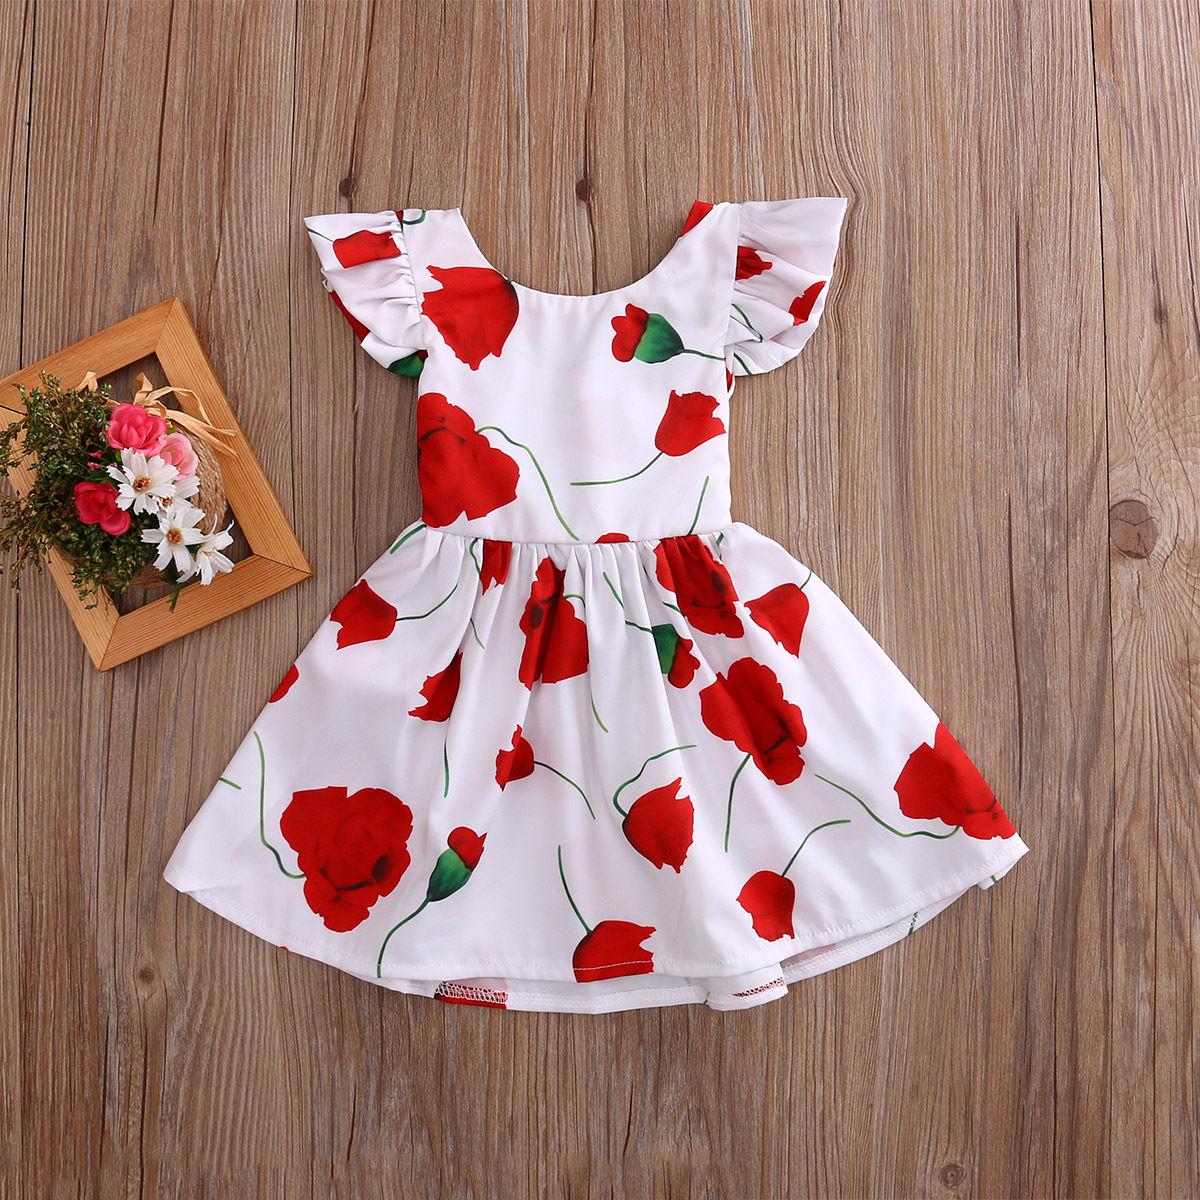 Tolle Billiges Kleid Für Partei Fotos - Brautkleider Ideen ...